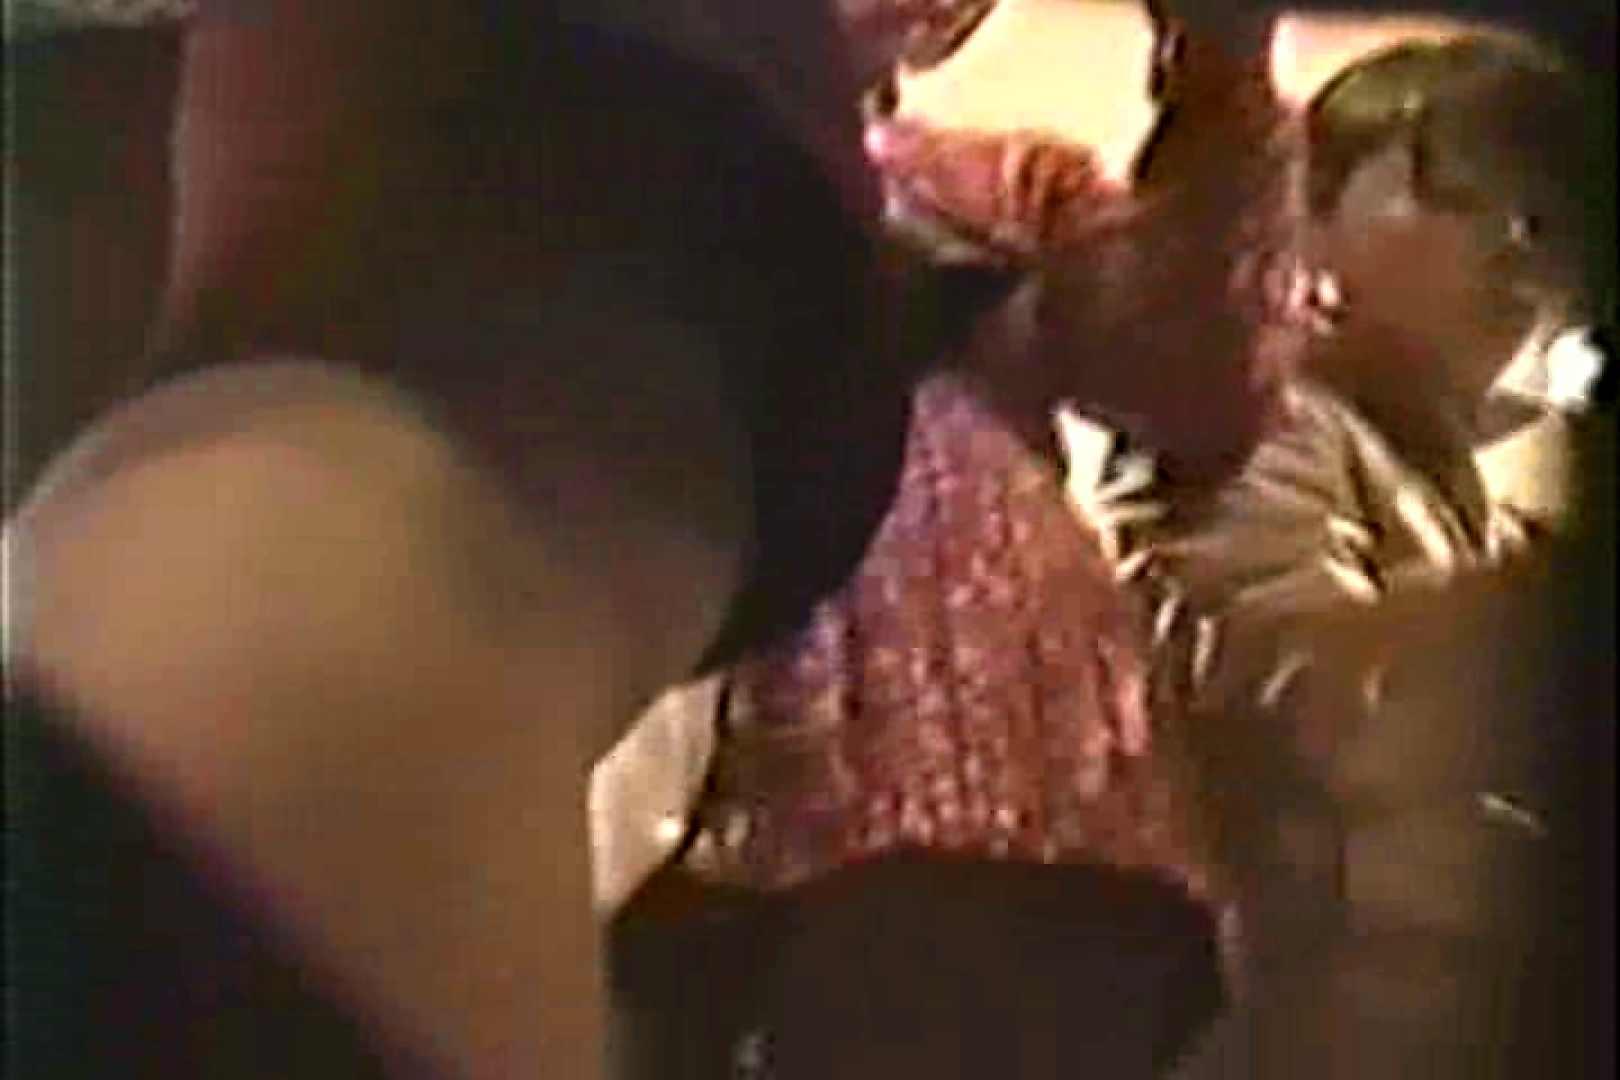 「ちくりん」さんのオリジナル未編集パンチラVol.4_02 お姉さん丸裸 SEX無修正画像 87pic 29